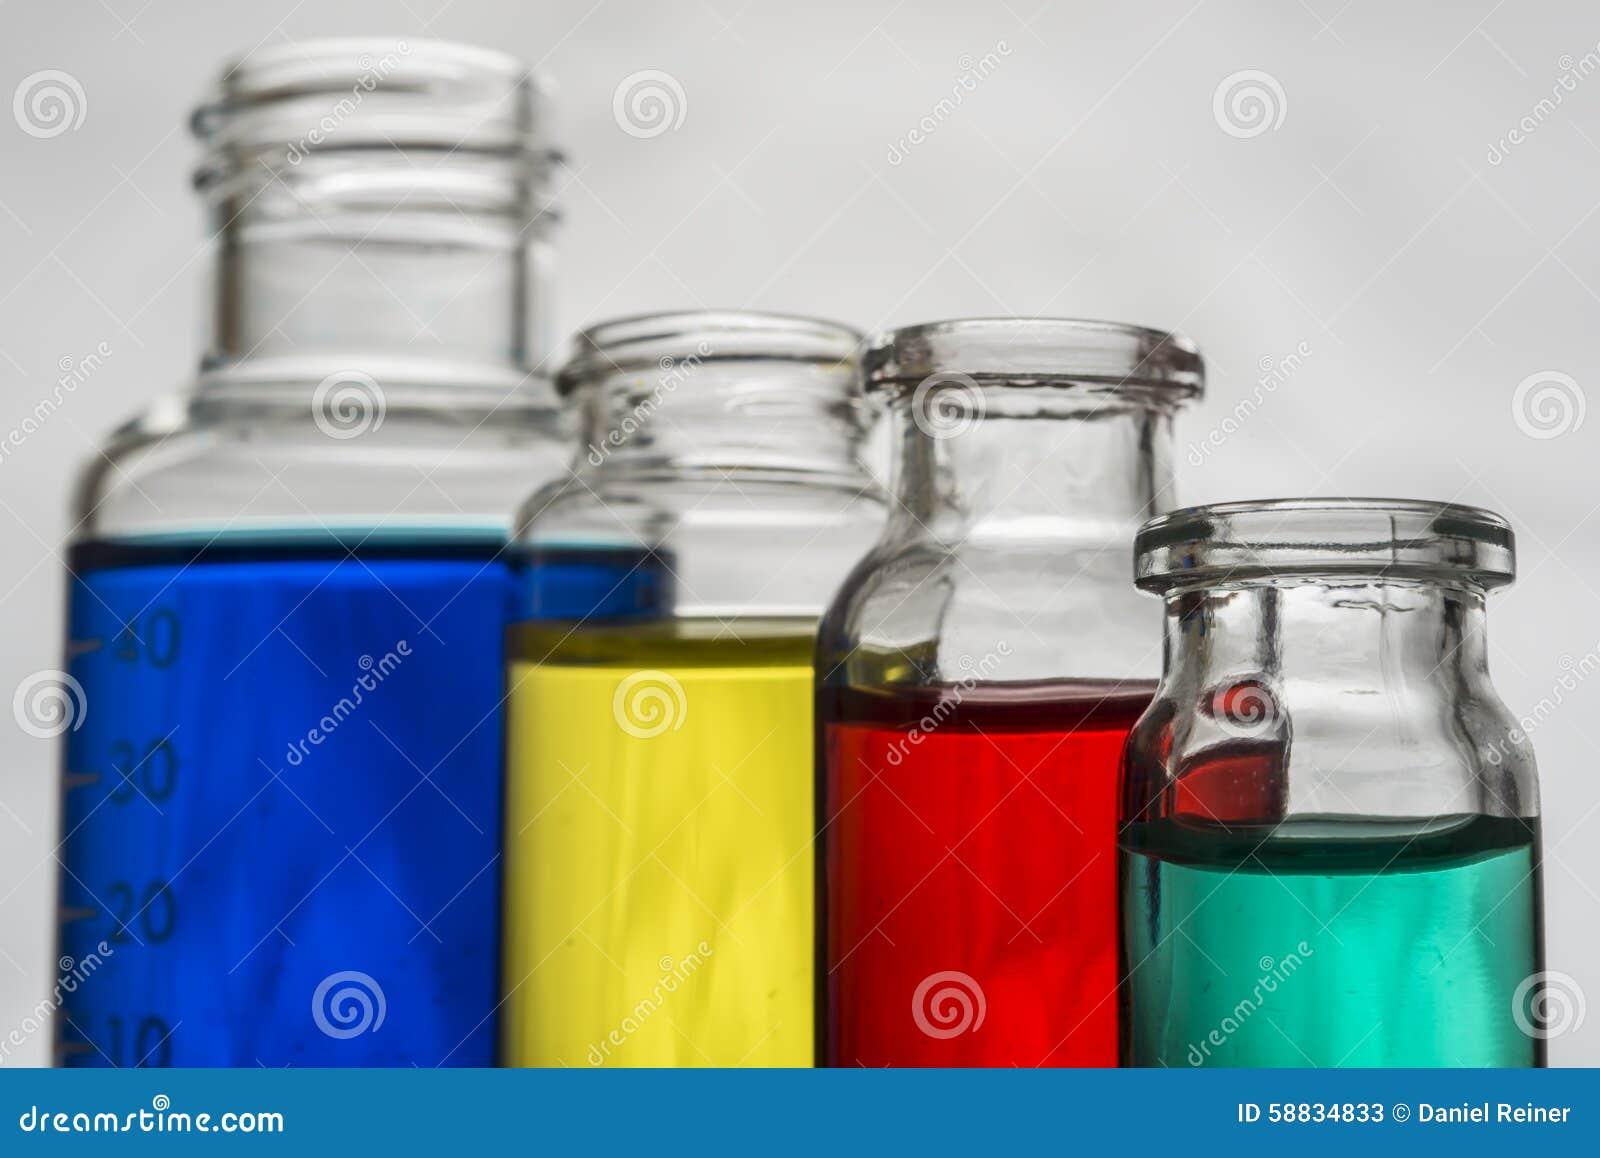 Insieme delle bottiglie del laboratorio con liquido